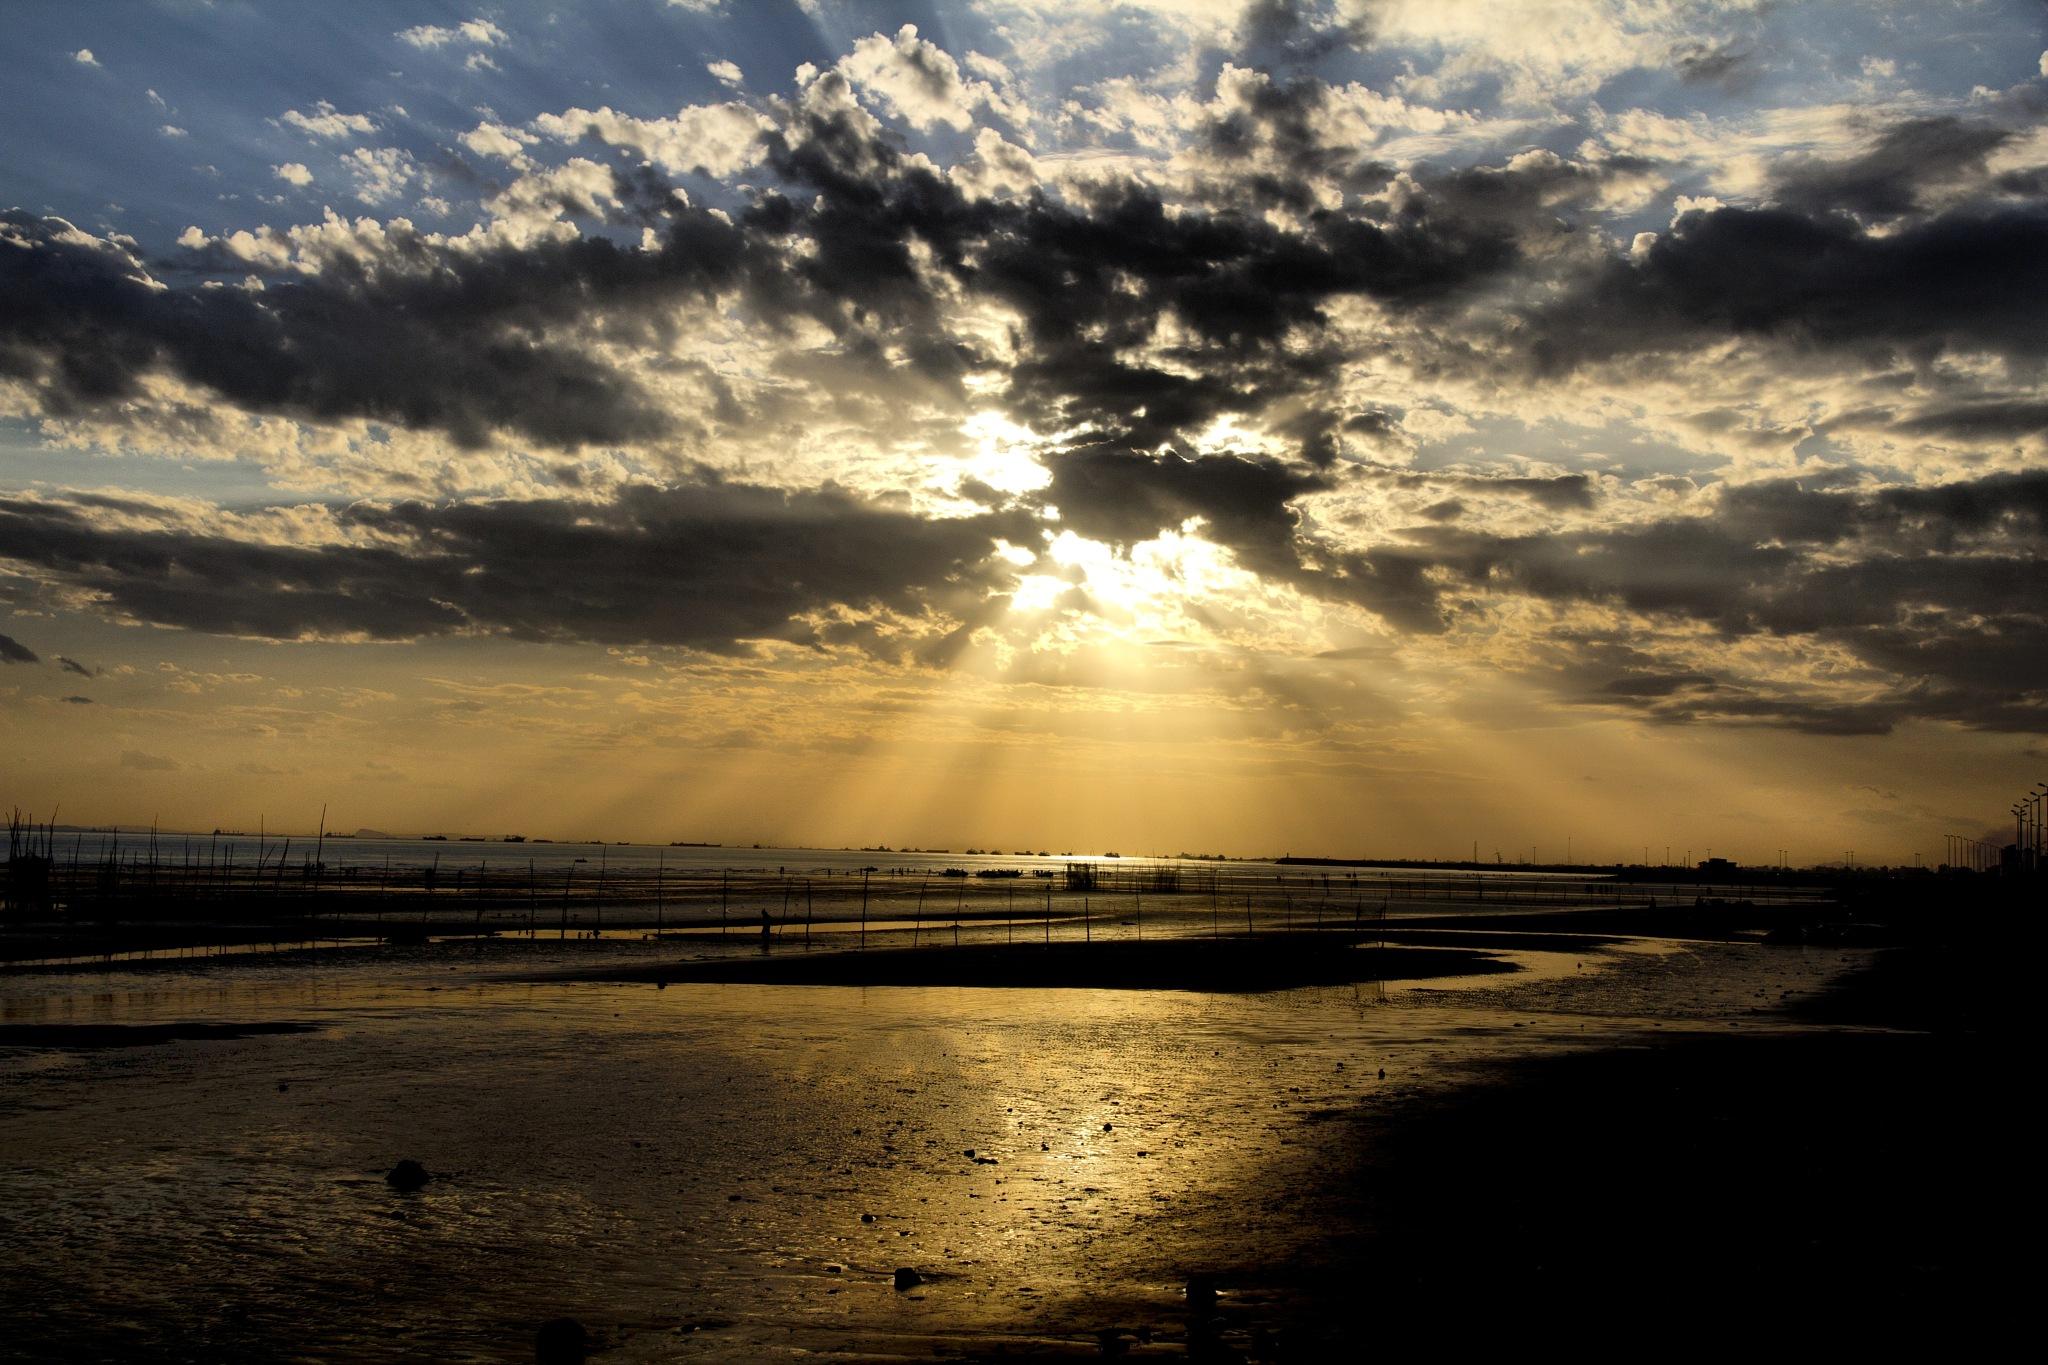 sunset by mahdi shoeybi